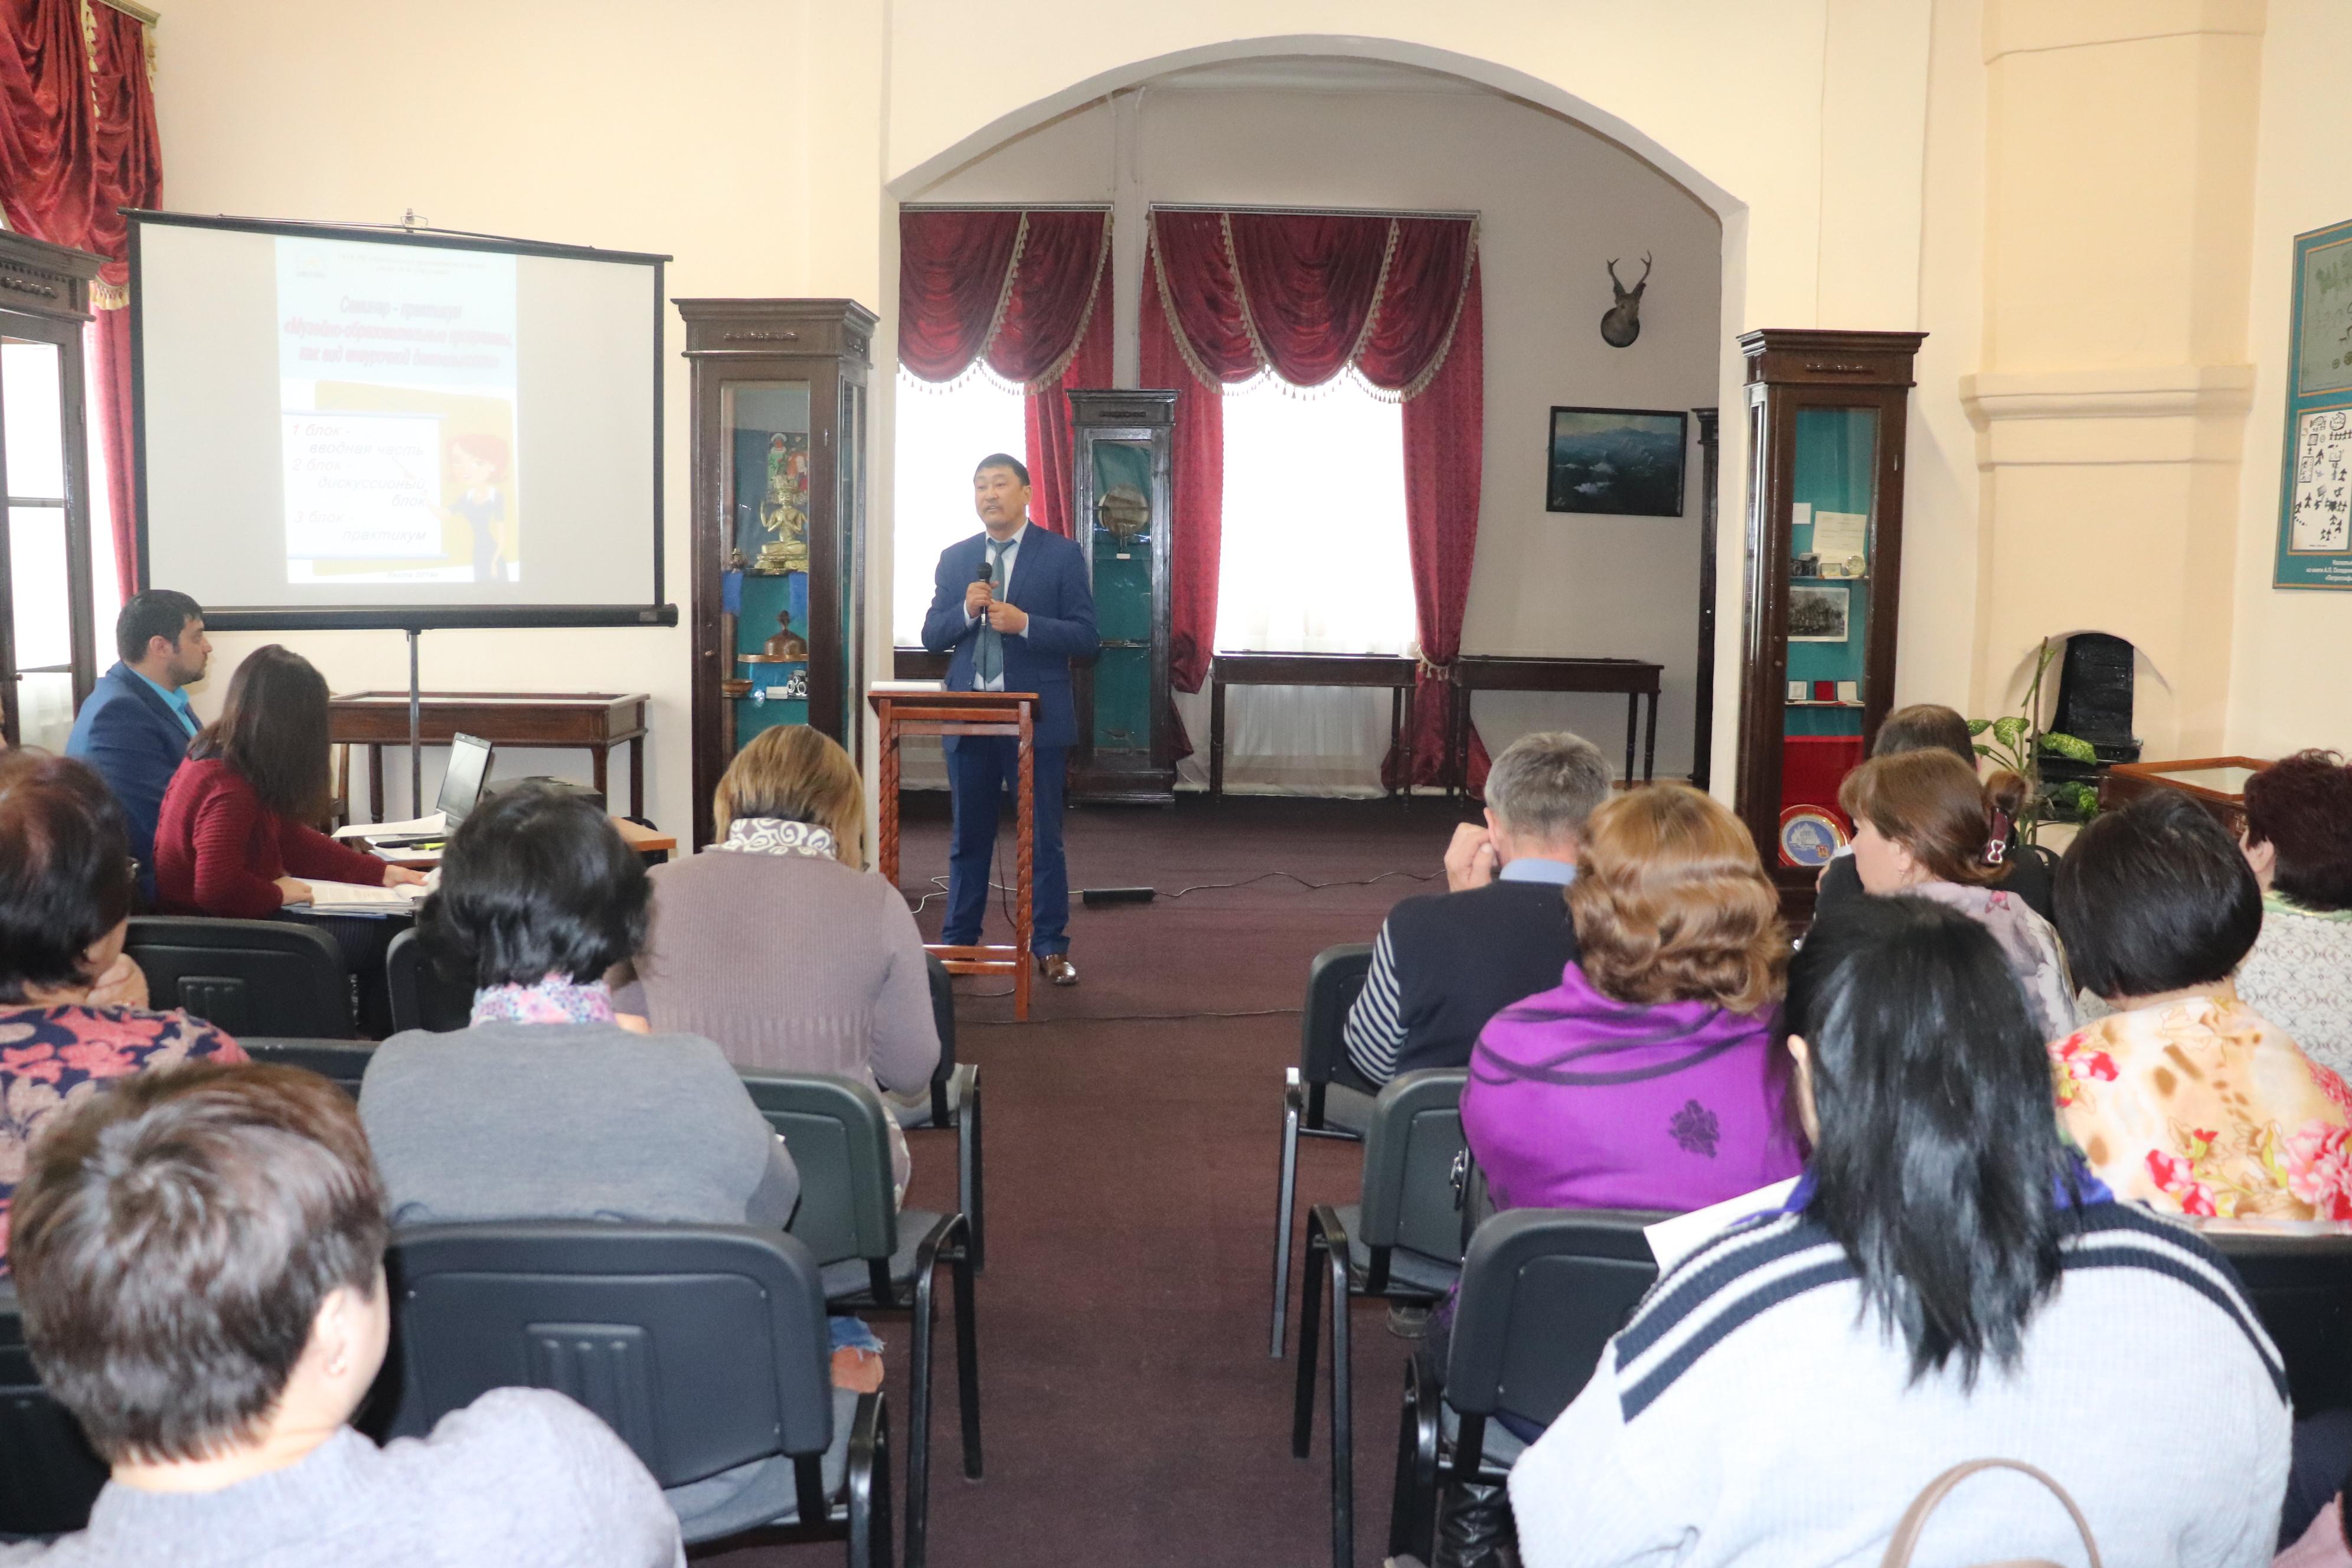 http://В%20Кяхтинском%20краеведческом%20музее%20состоялся%20районный%20семинар-практикум%20«Музейно-образовательные%20программы»